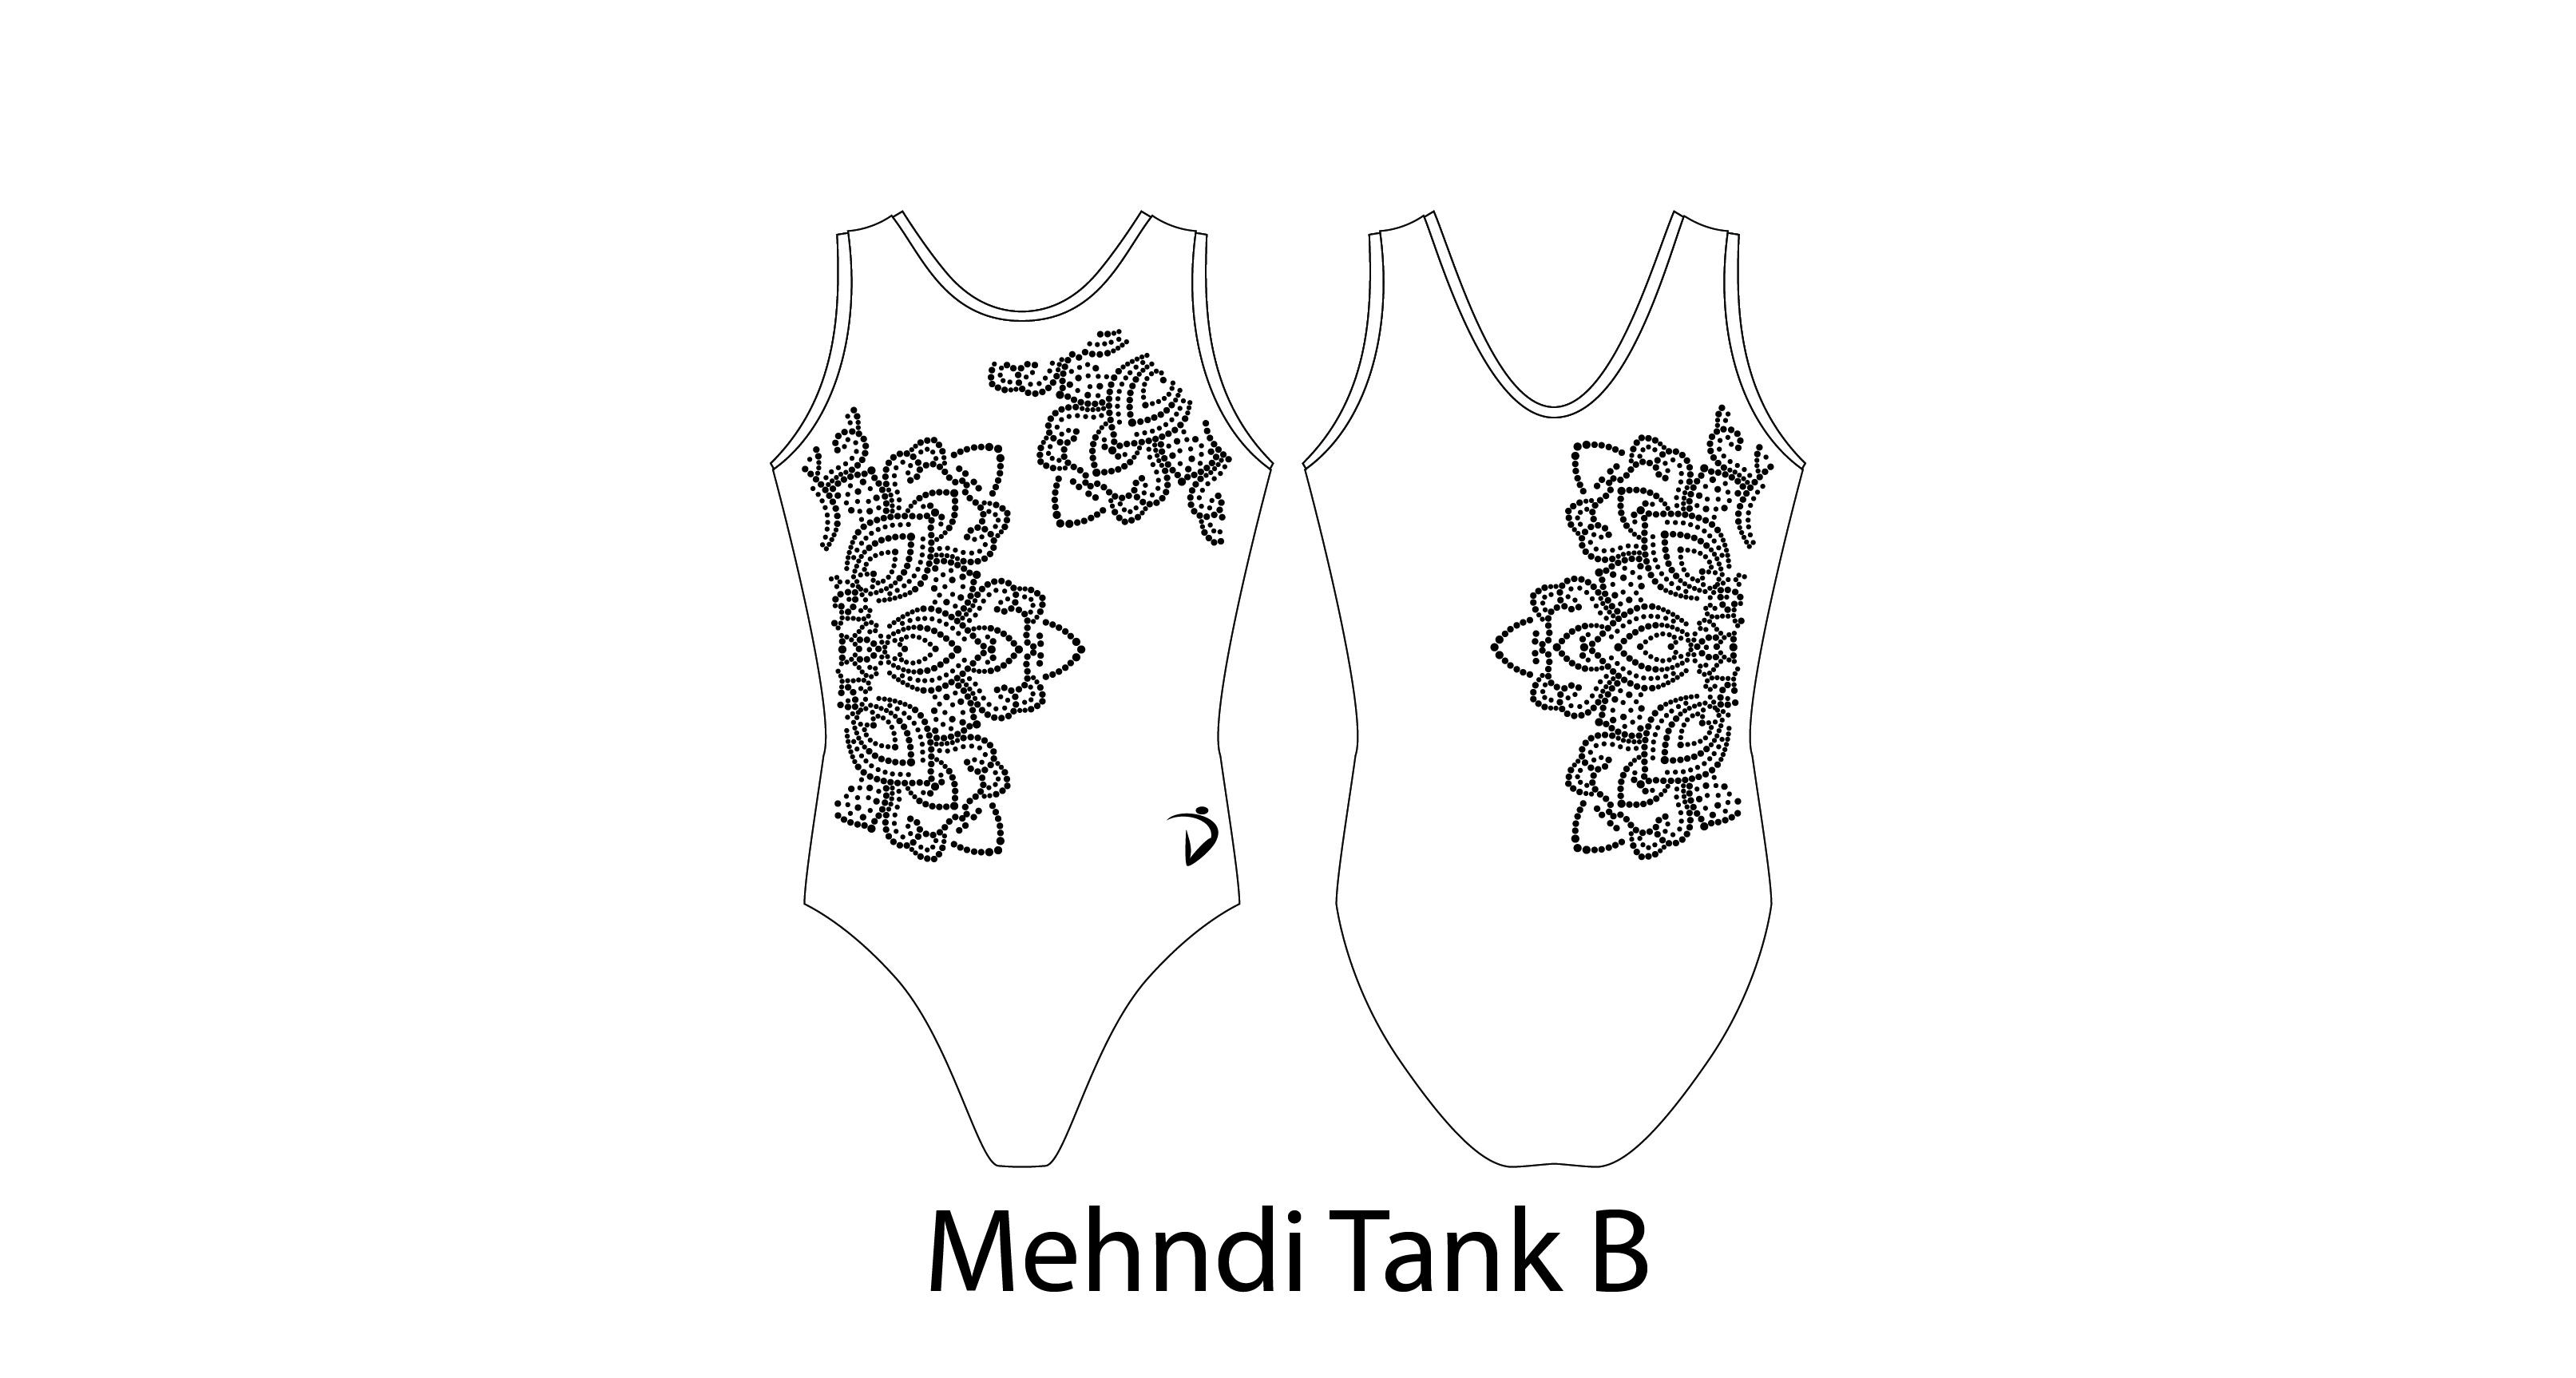 Mehndi Tank B